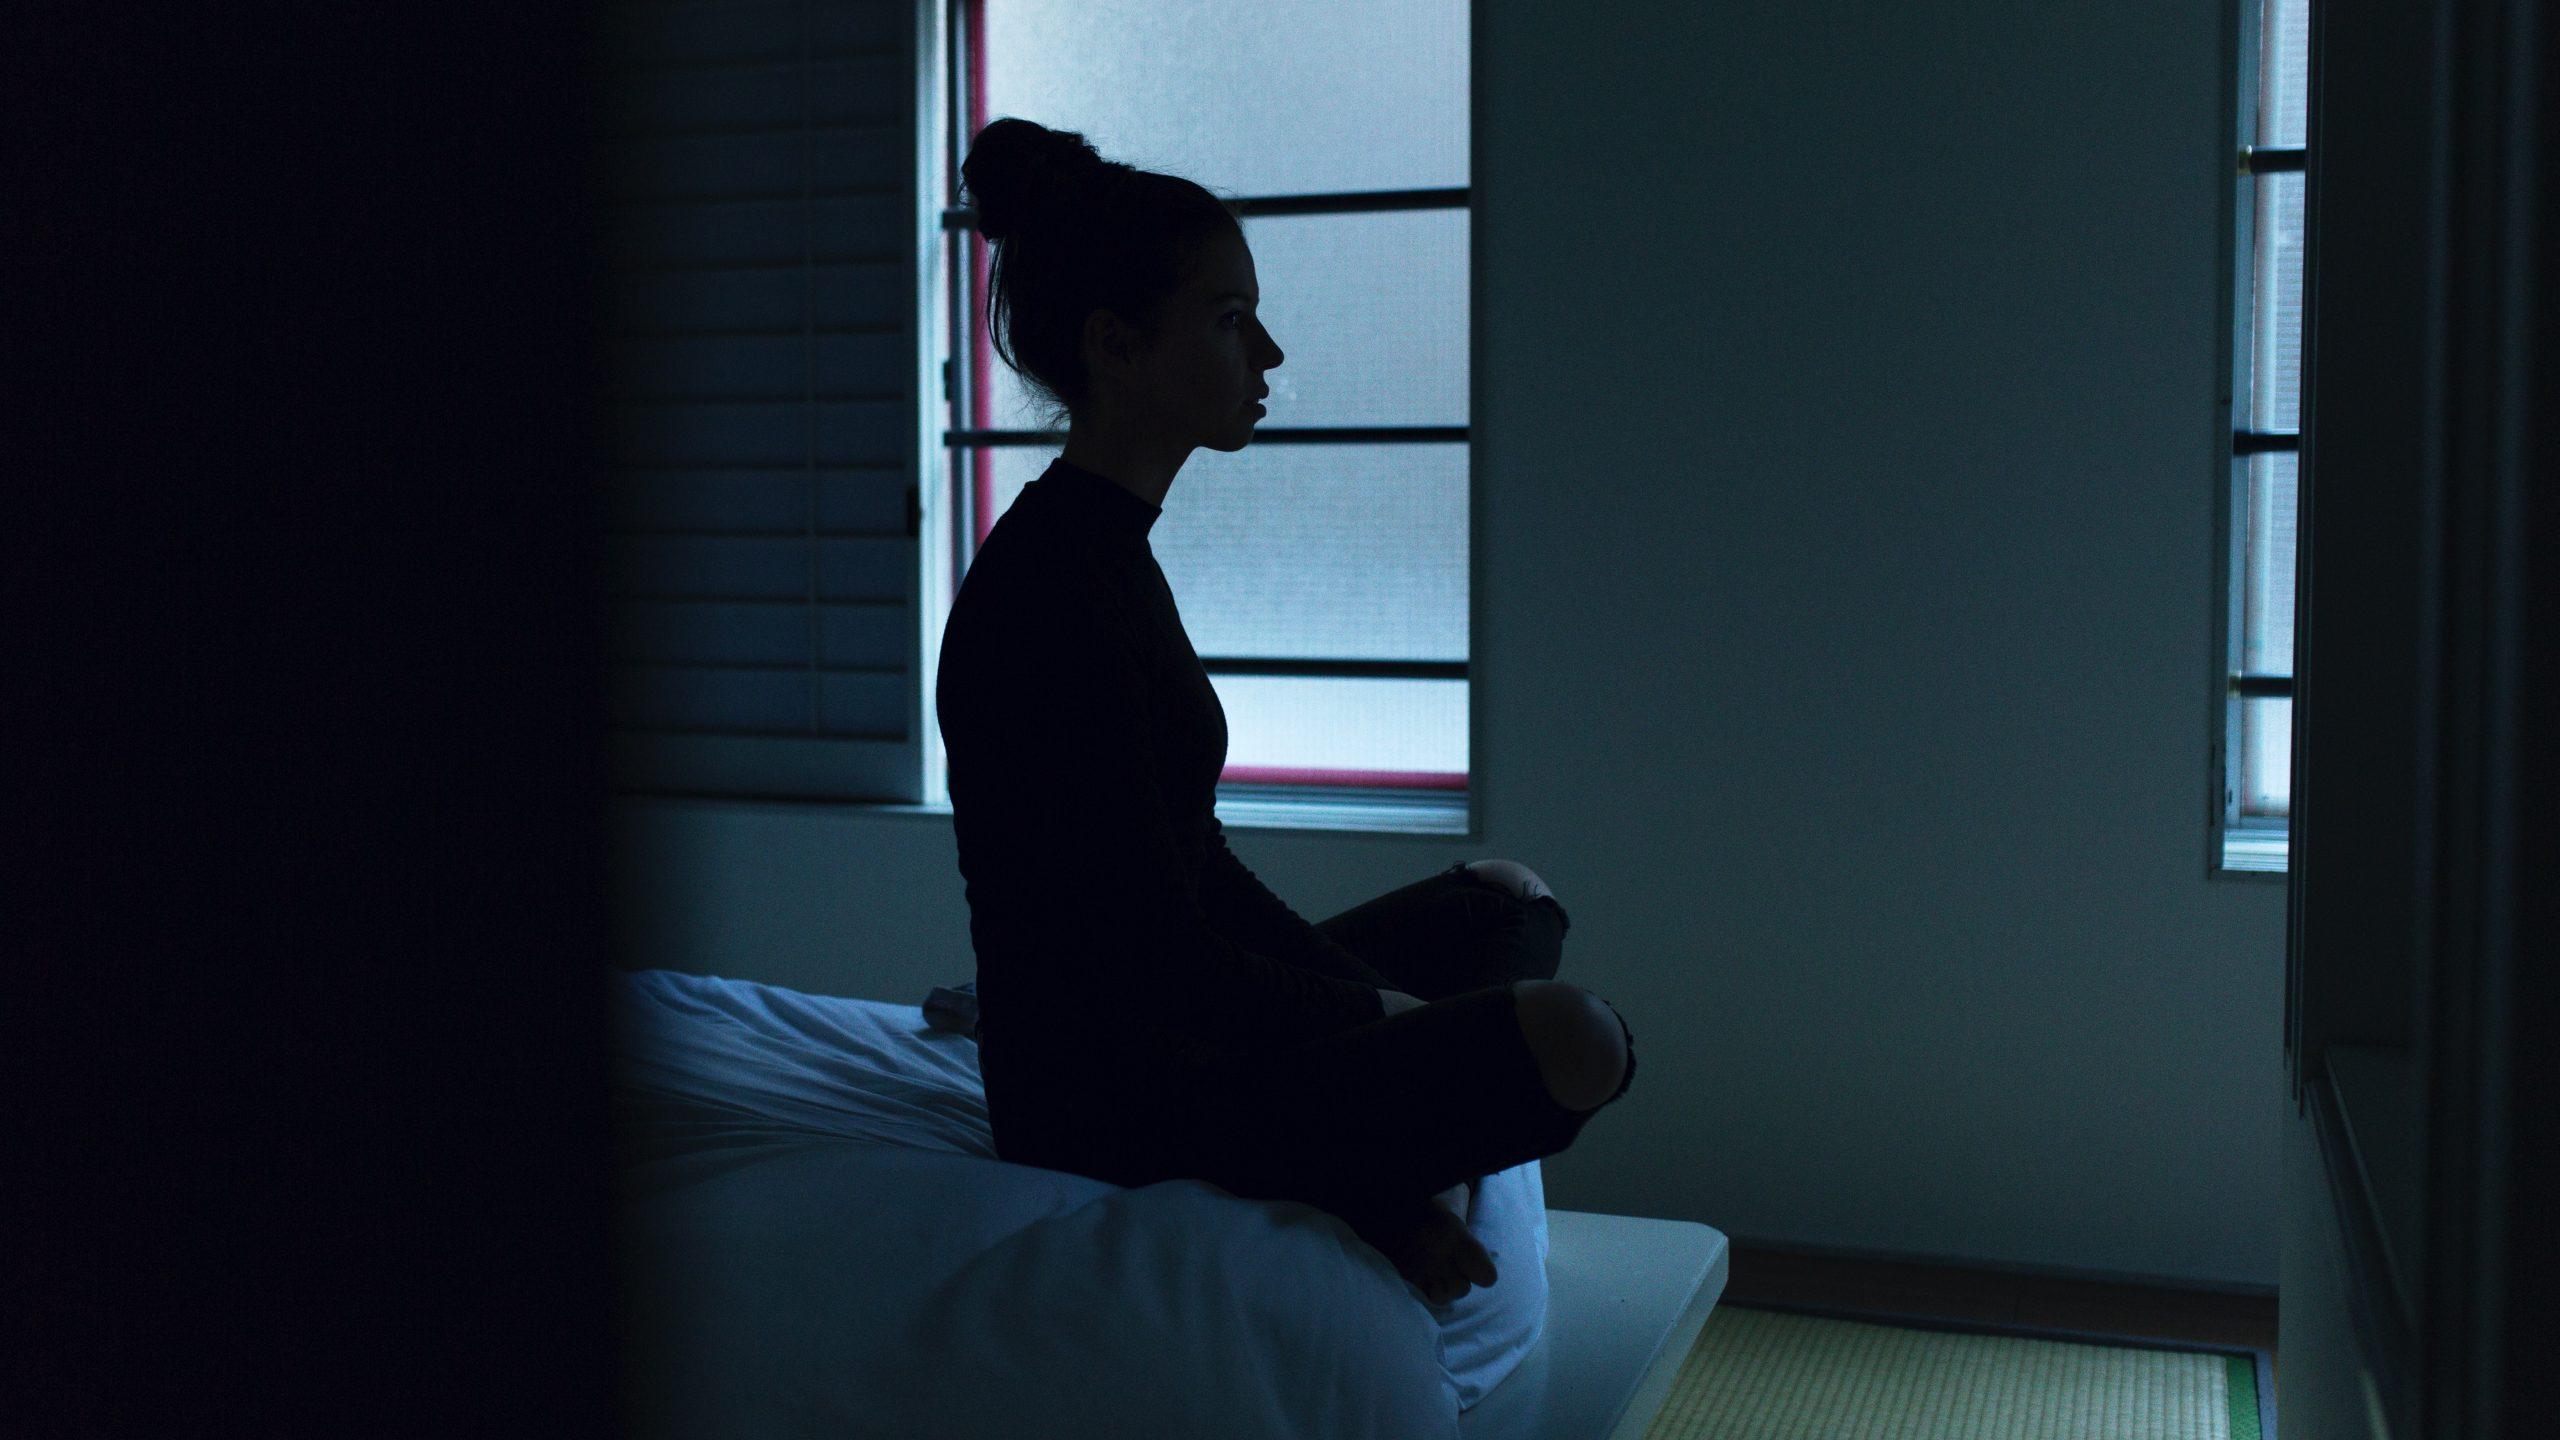 Szívbetegség és depresszió – Összefügg a kettő?